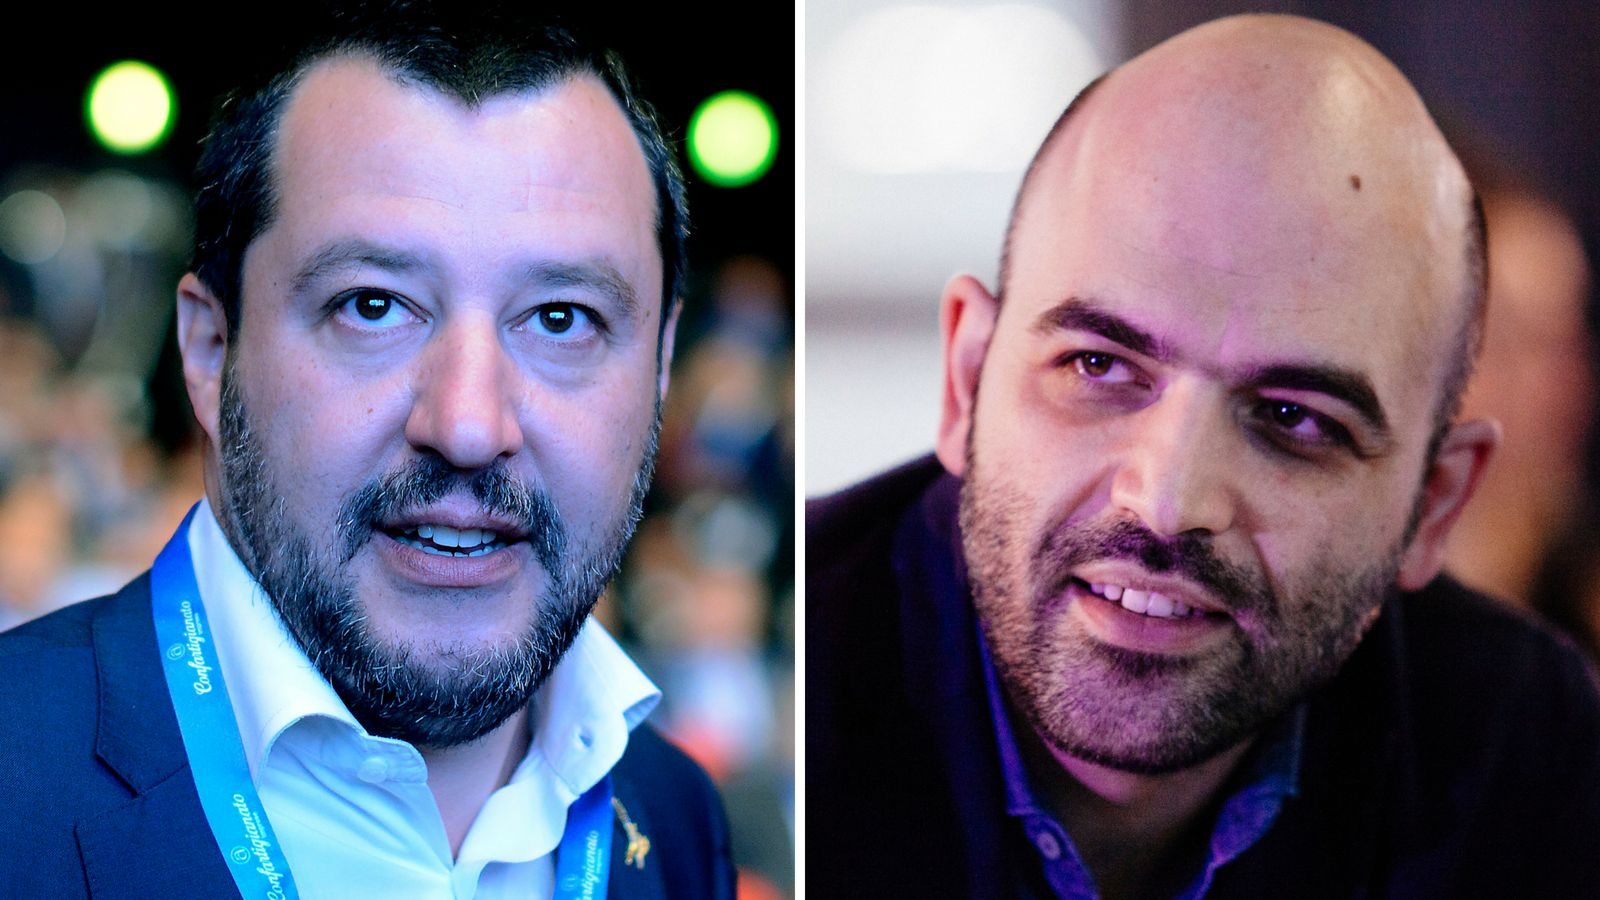 Robert Saviano liefert sich Kleinkrieg mit Salvini – so schlägt der zurück